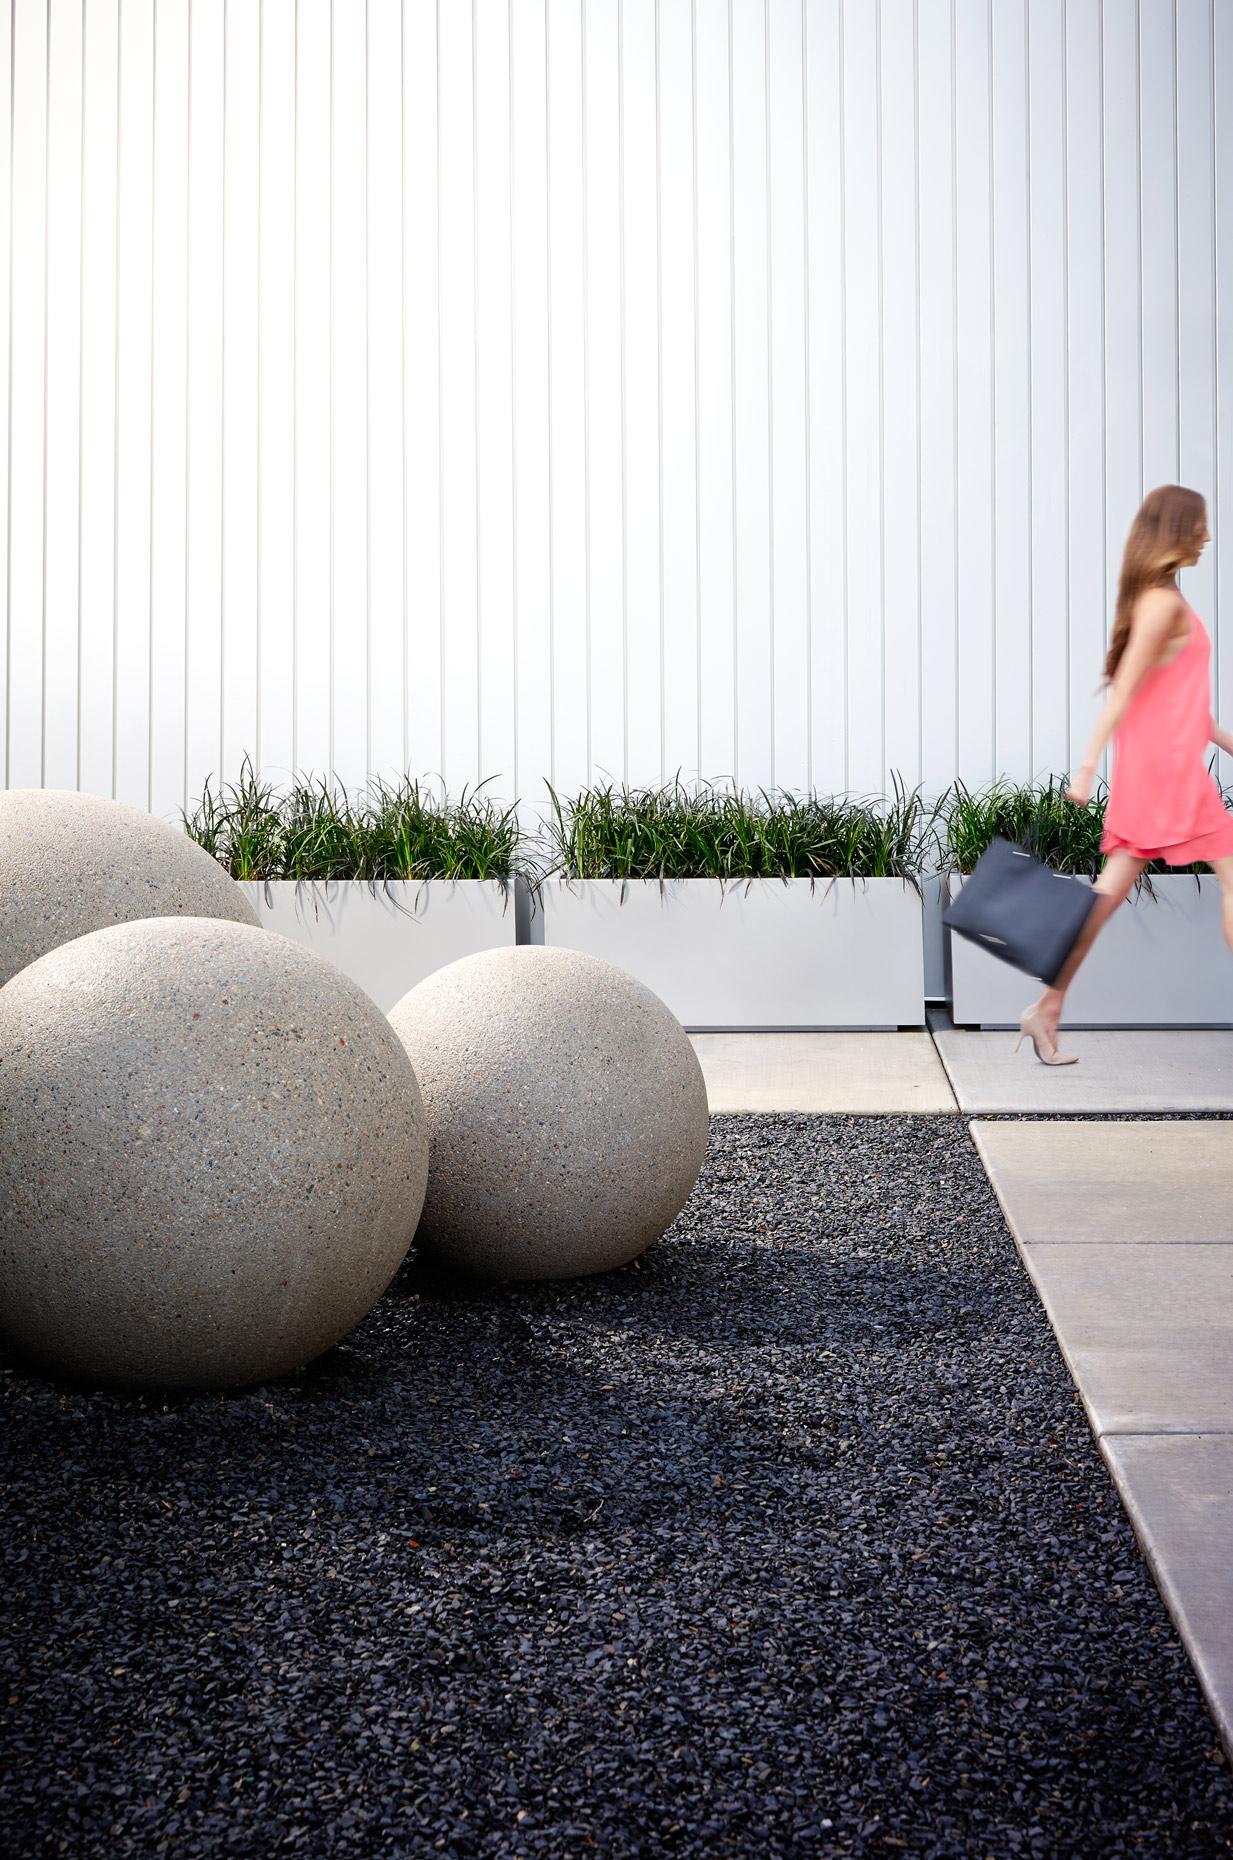 Lifestyle photography Derek Israelsen Exterior Sculpture Garden